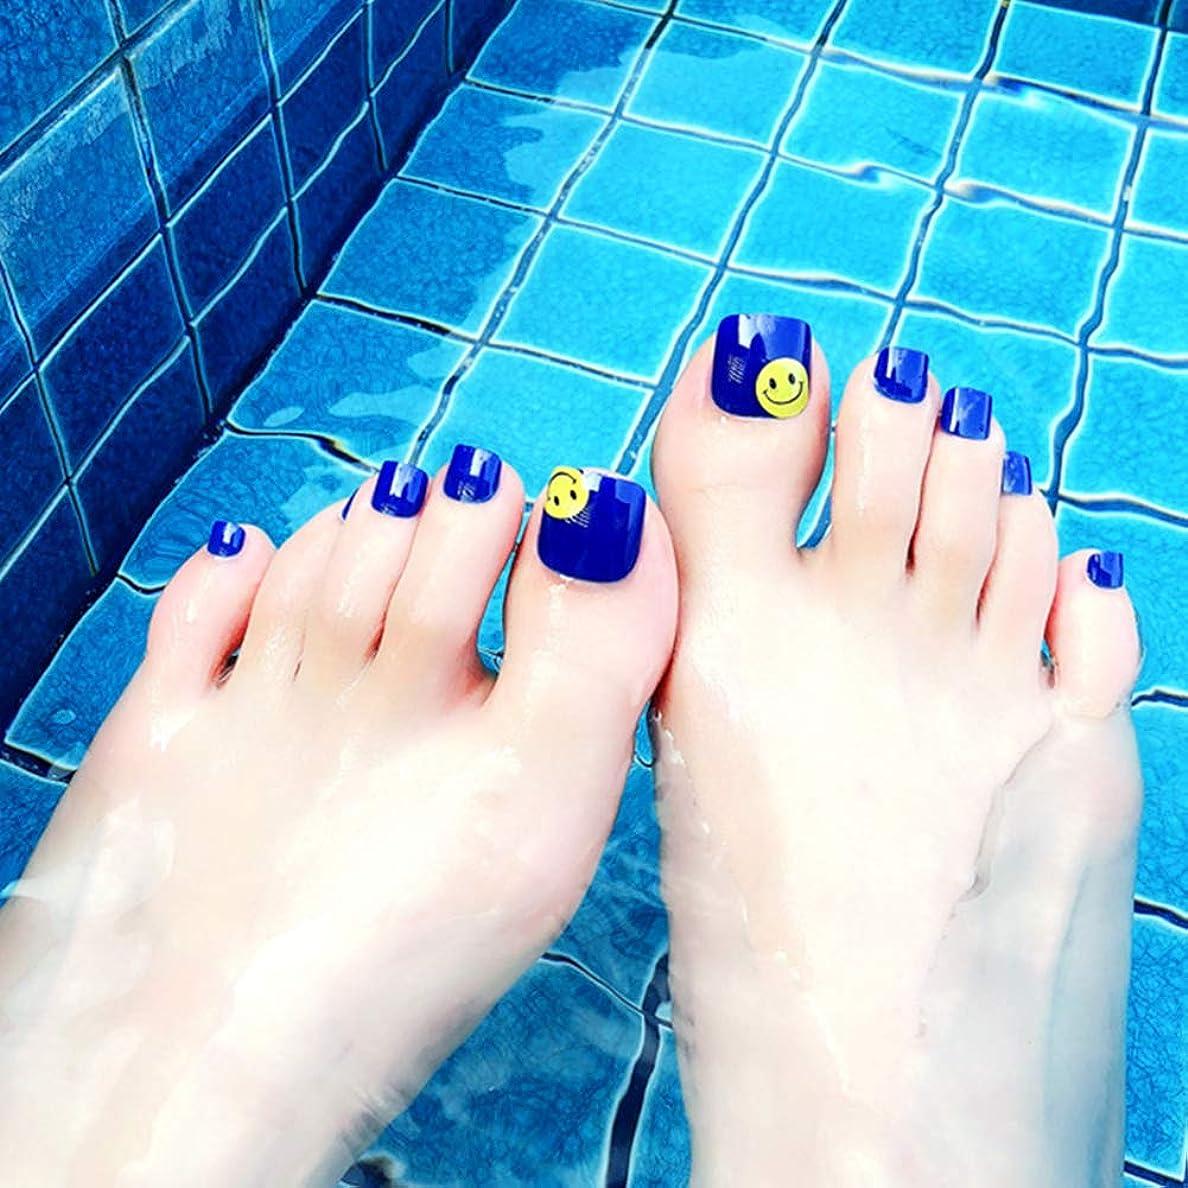 ゴミ箱感謝パスポートHuangHM ブルー 可愛い 笑顔タイプシリーズ フットネイルチップ 足用 ネイルチップ 手作りネイルチップ ネイルジュエリー ネイルアート つけ爪 フルチップ 24枚入 フルチップ シンプル